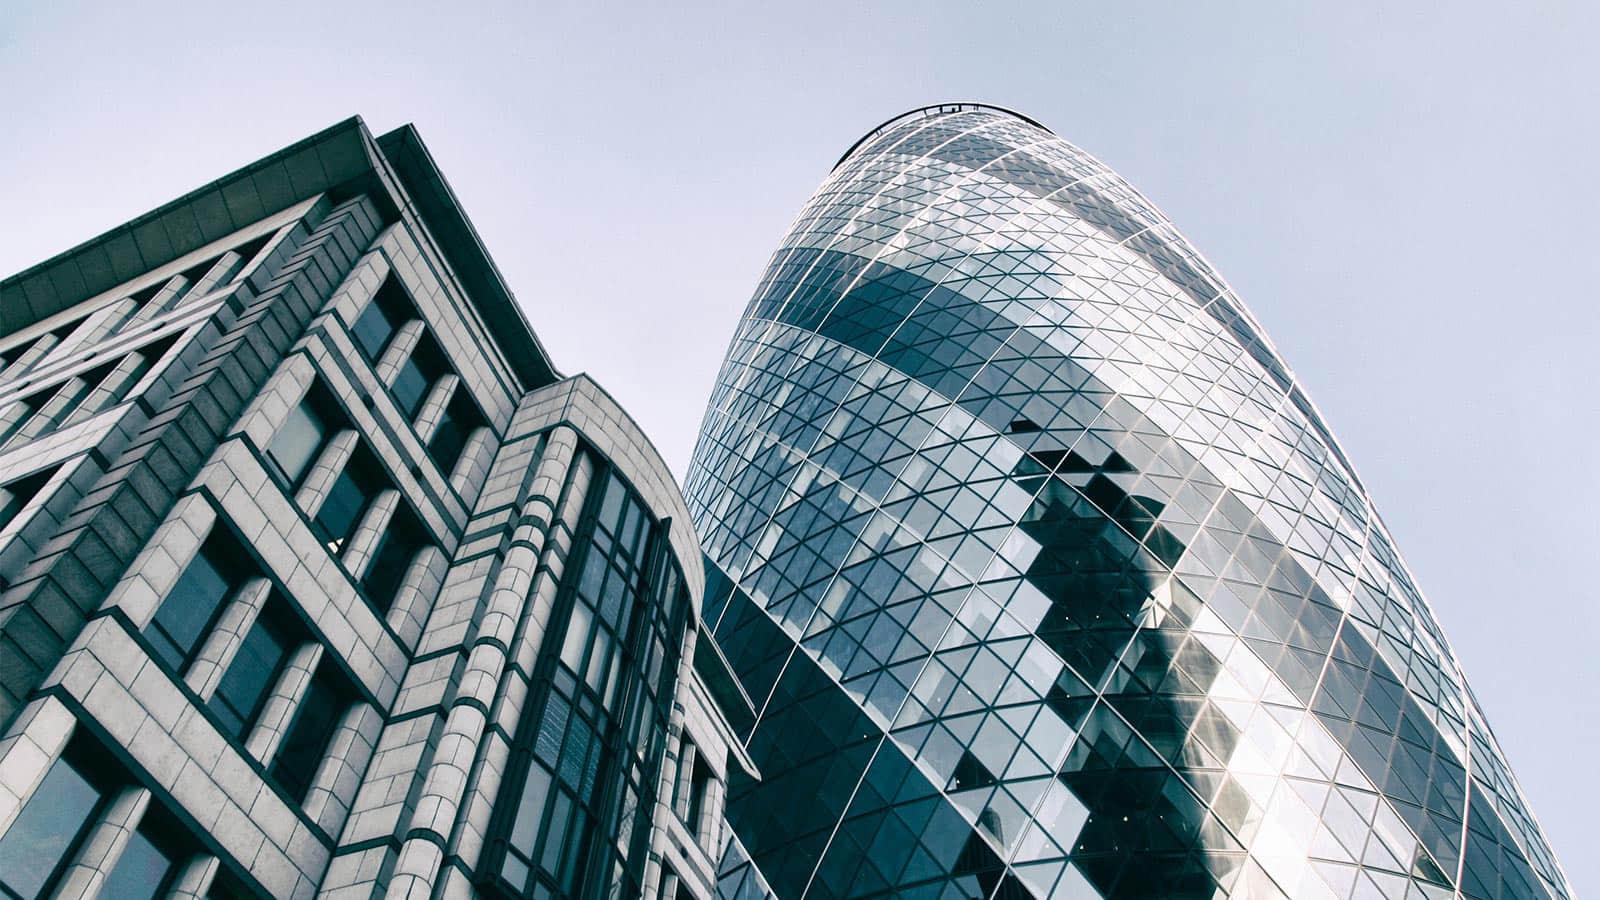 海匯,海匯國際,被動收入,穩定獲利,投資,外匯保證金,複利效應